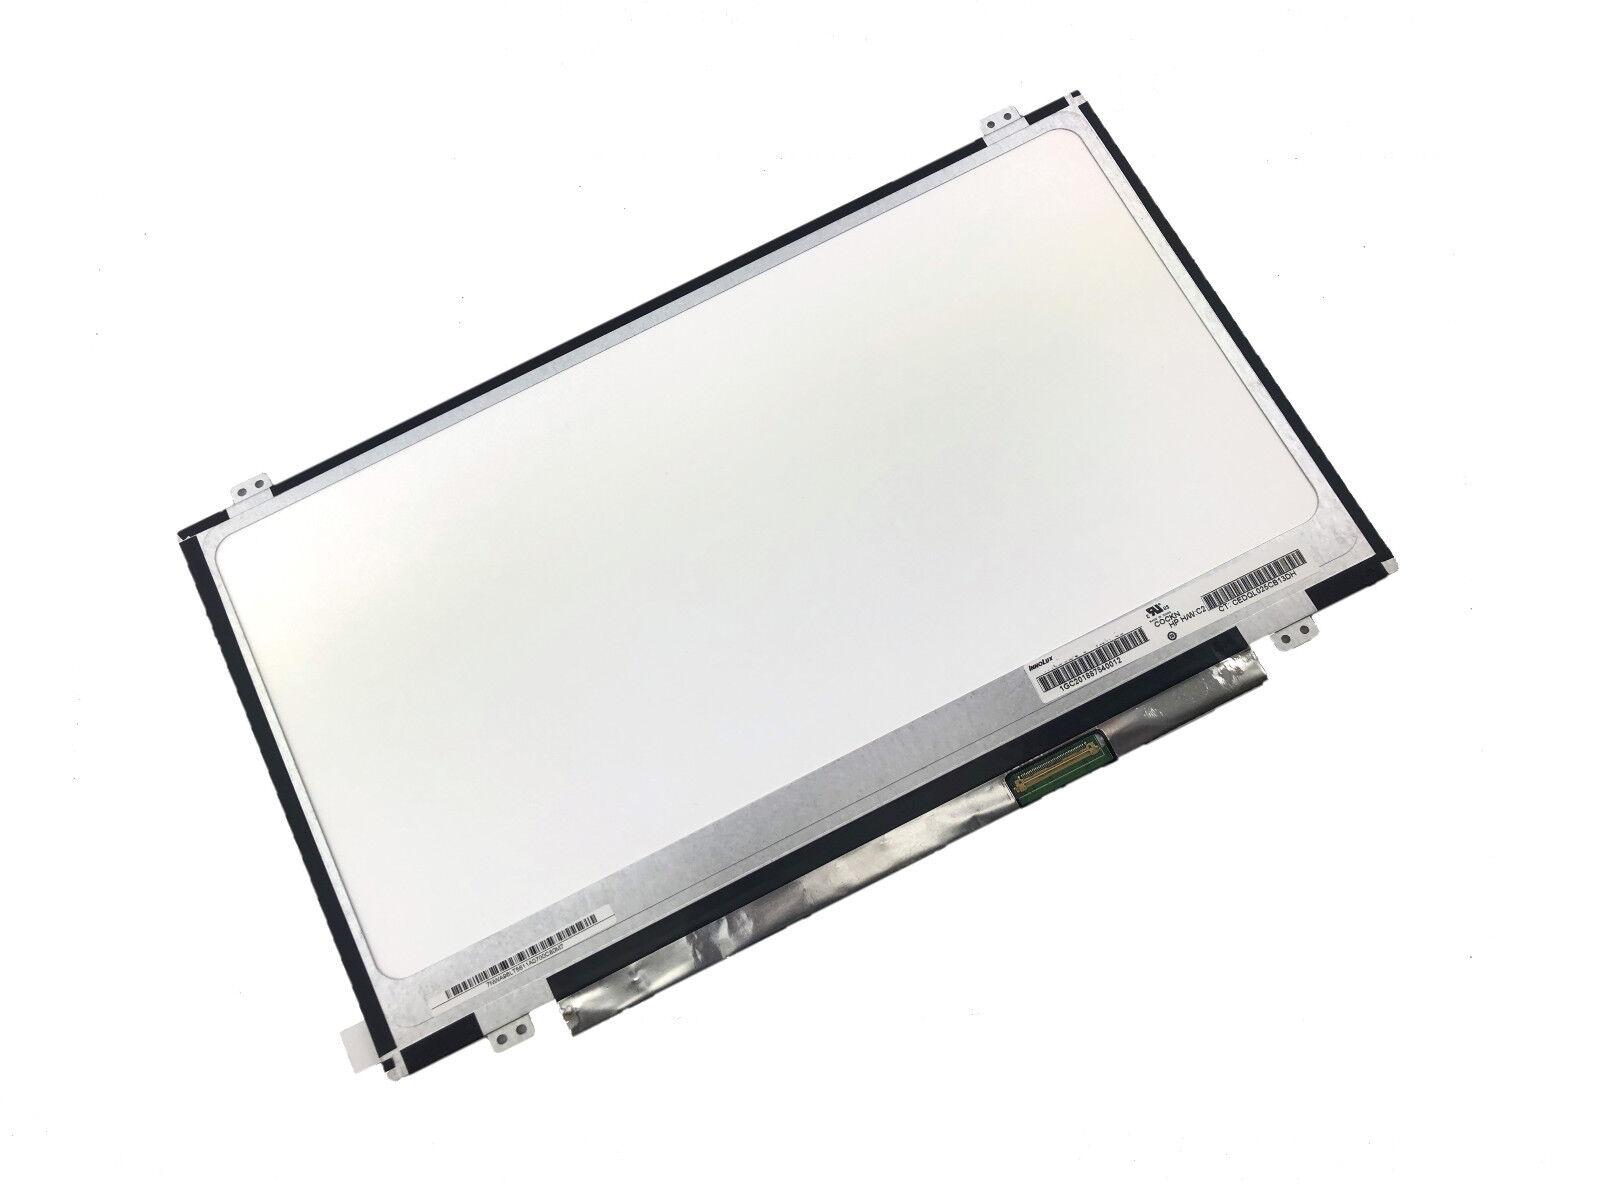 LAPTOP LCD SCREEN FOR HP G4-1085LA 14.0 WXGA LED HD NEW A